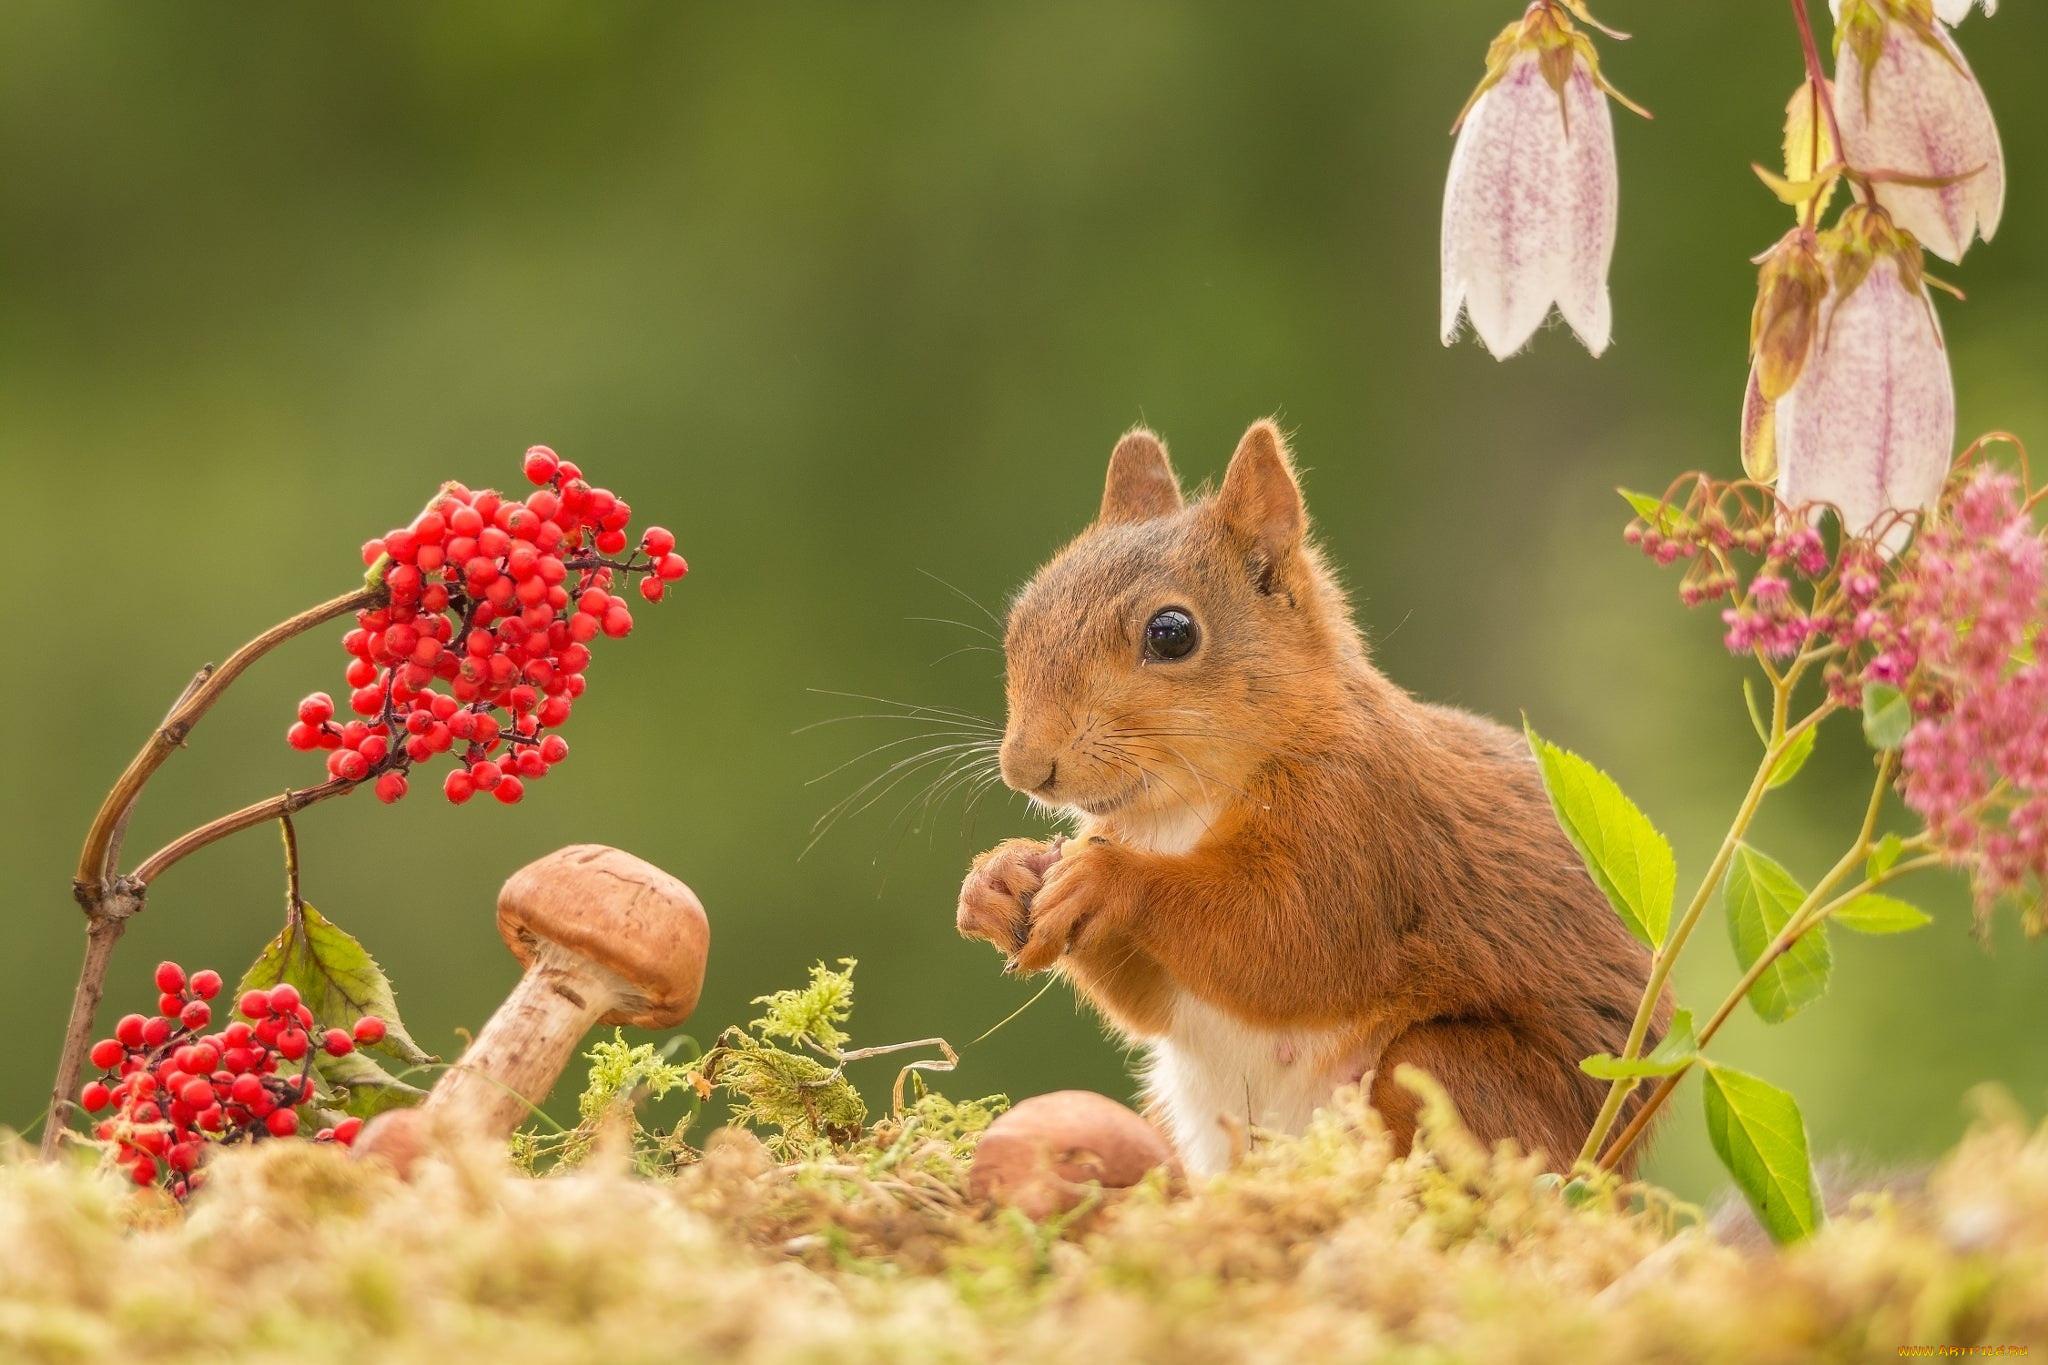 осень в жизни животных картинки что ожидать